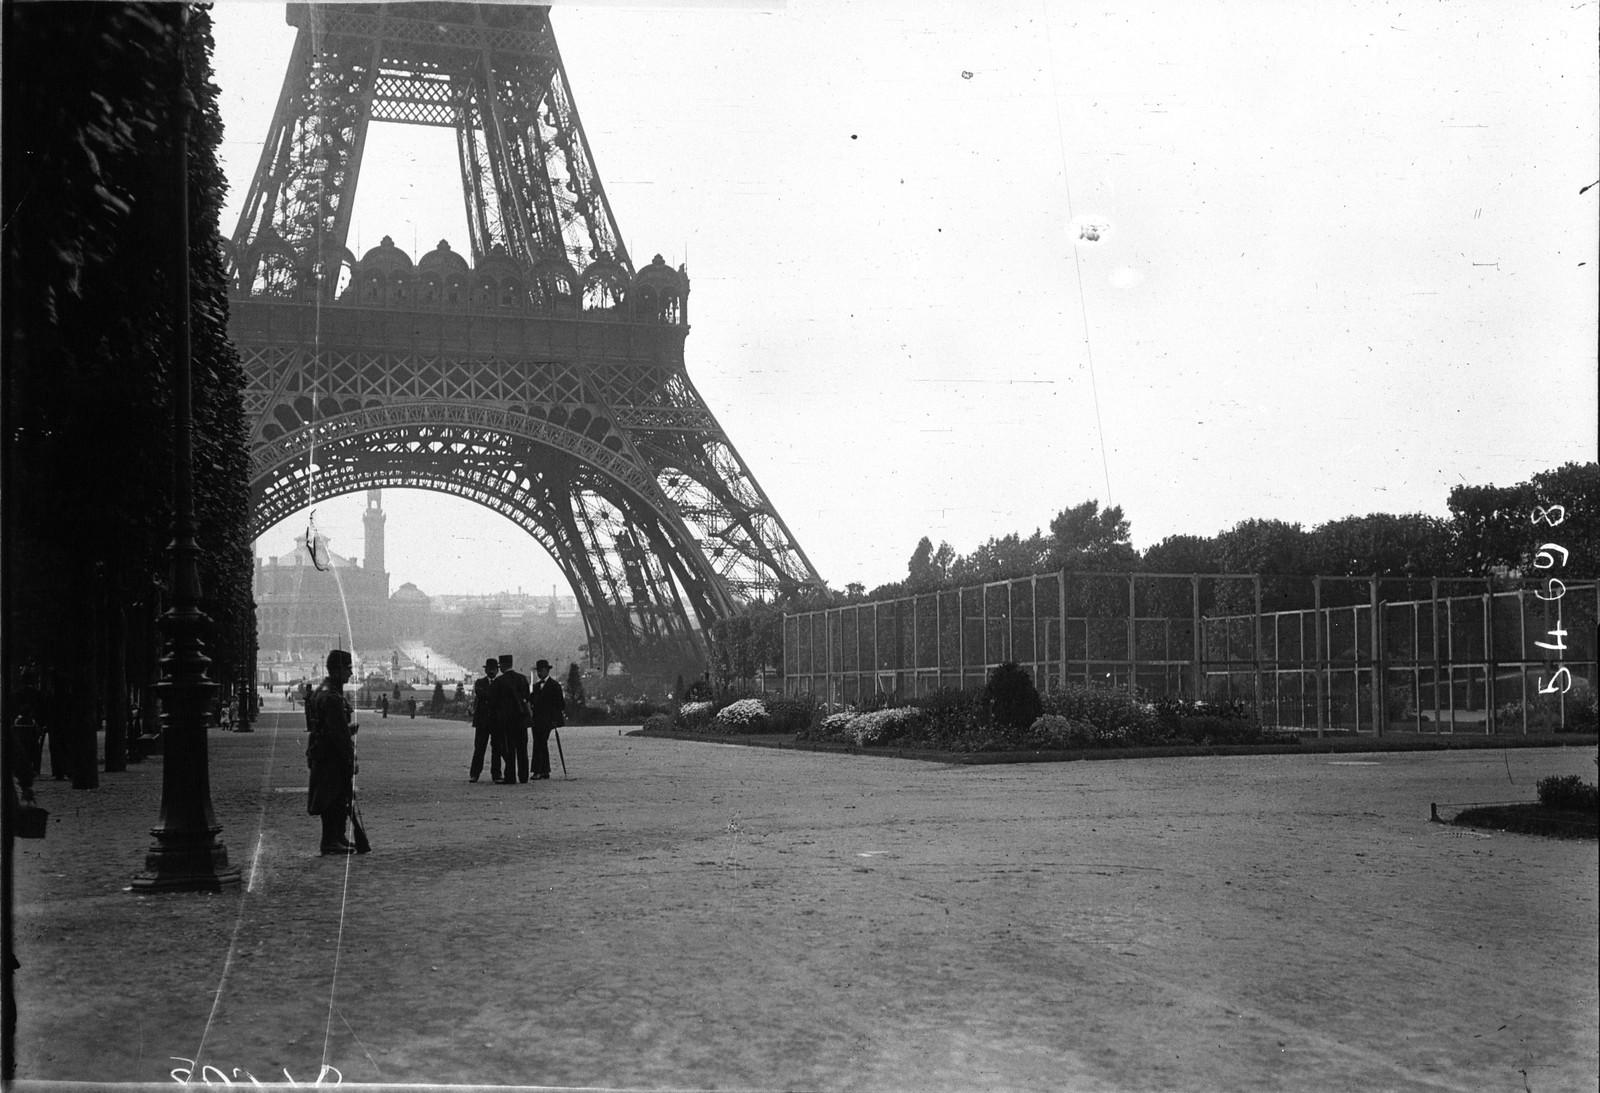 1914. Радиотелеграфная станция Эйфелевой башни охраняется военными